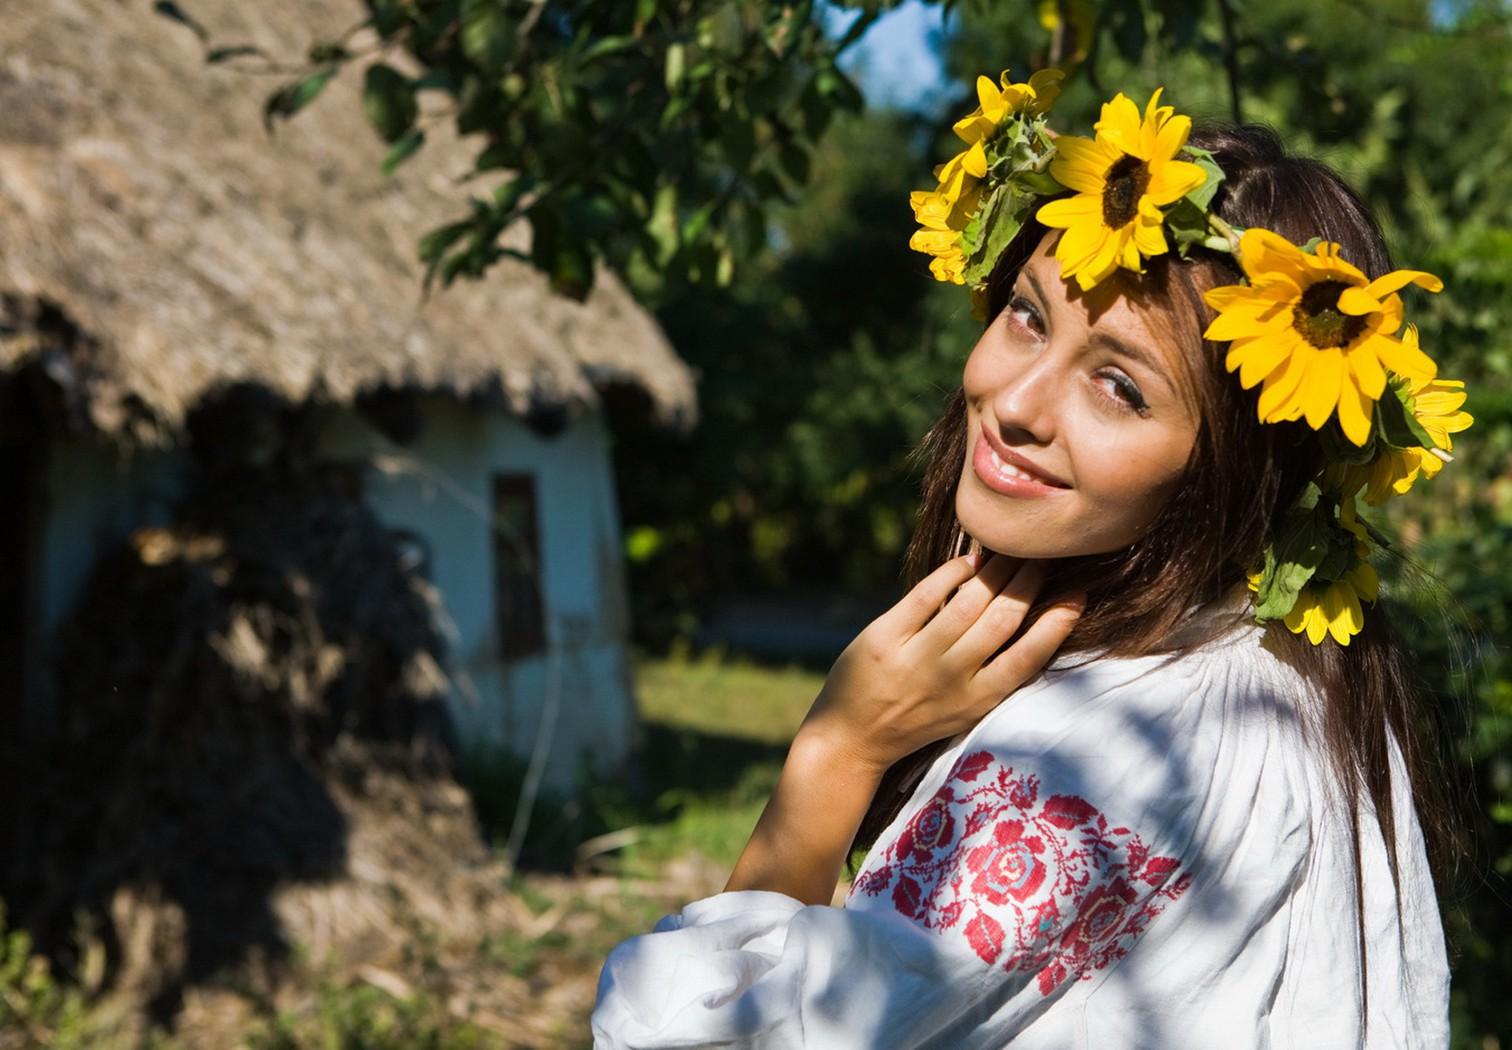 Связанная жена фото 10 фотография